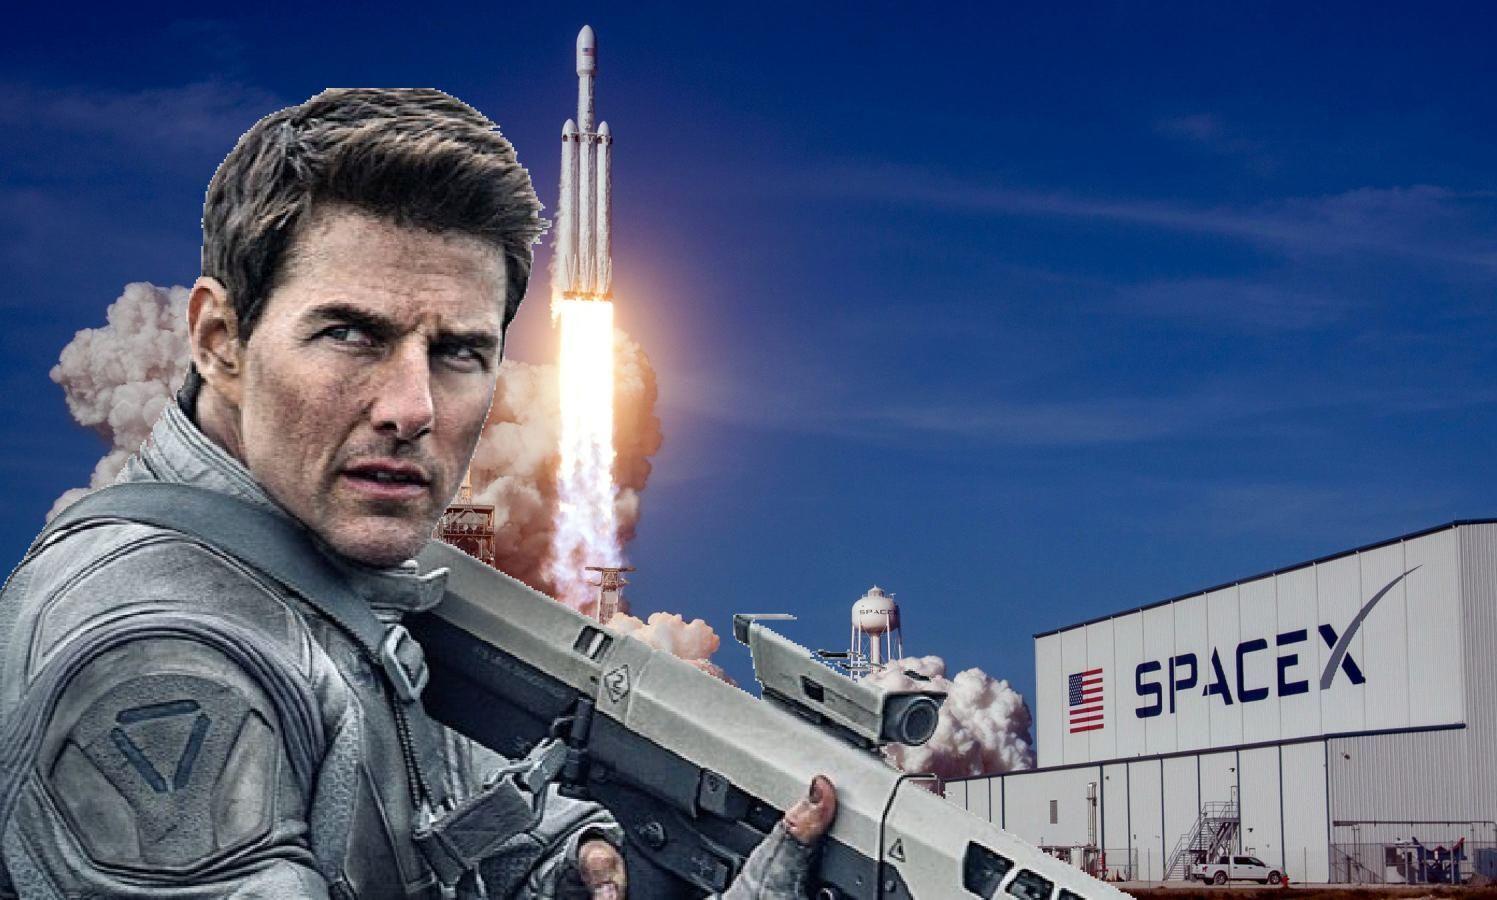 Том Круз получил 200 млн долларов для съемки фильма в настоящем космосе